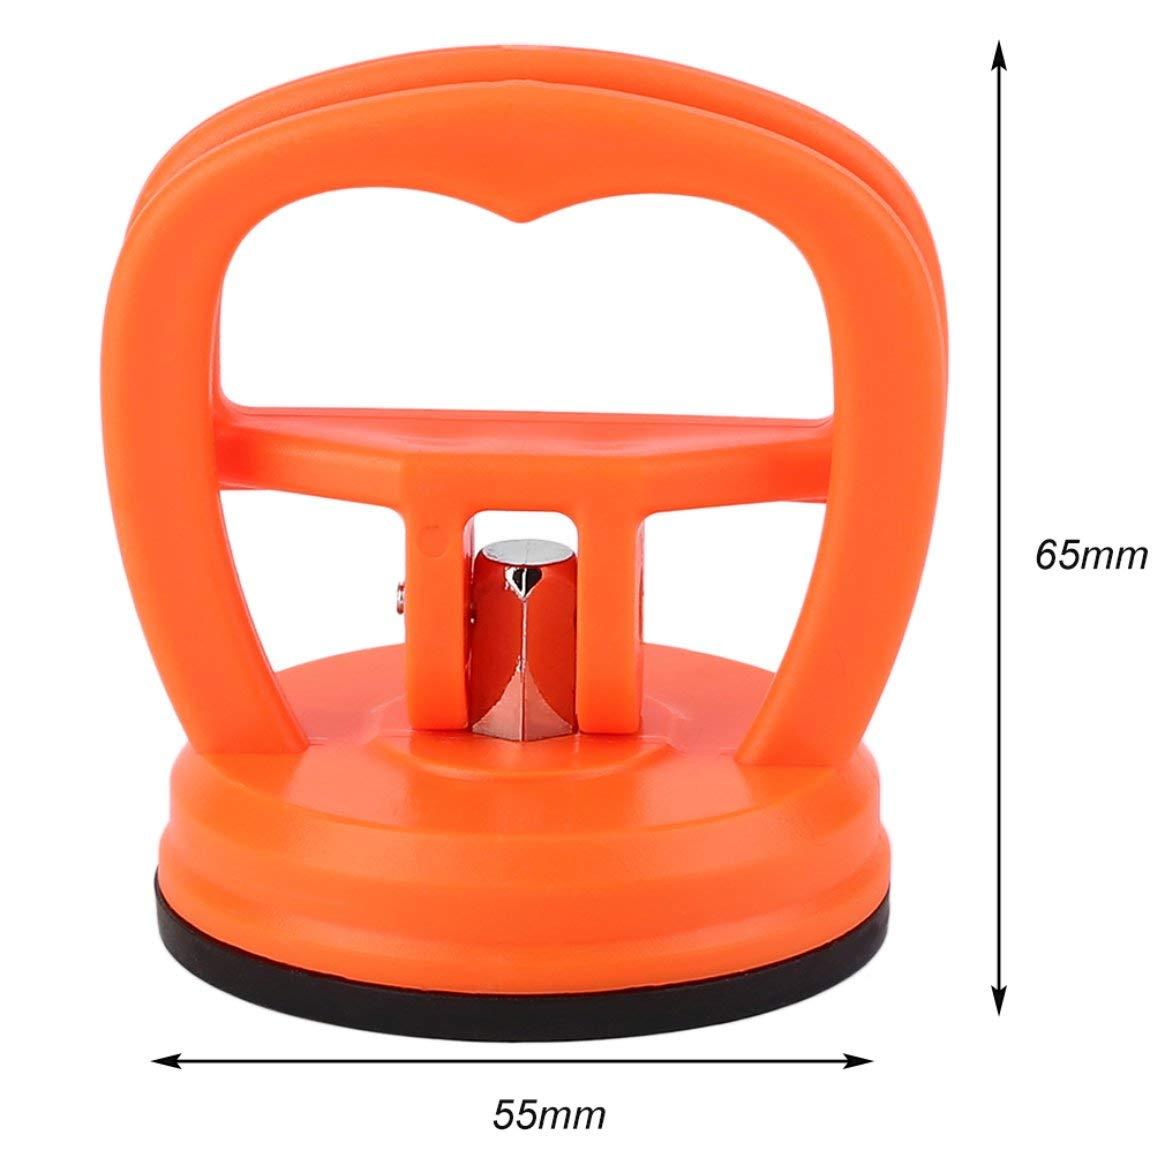 Carry Tool zu entfernen Universal zerlegen Sie Handy-LCD-Bildschirm-Reparatur-Sauger-Puller-Saugnapf-Bildschirm-Teardown-starker Stiefel